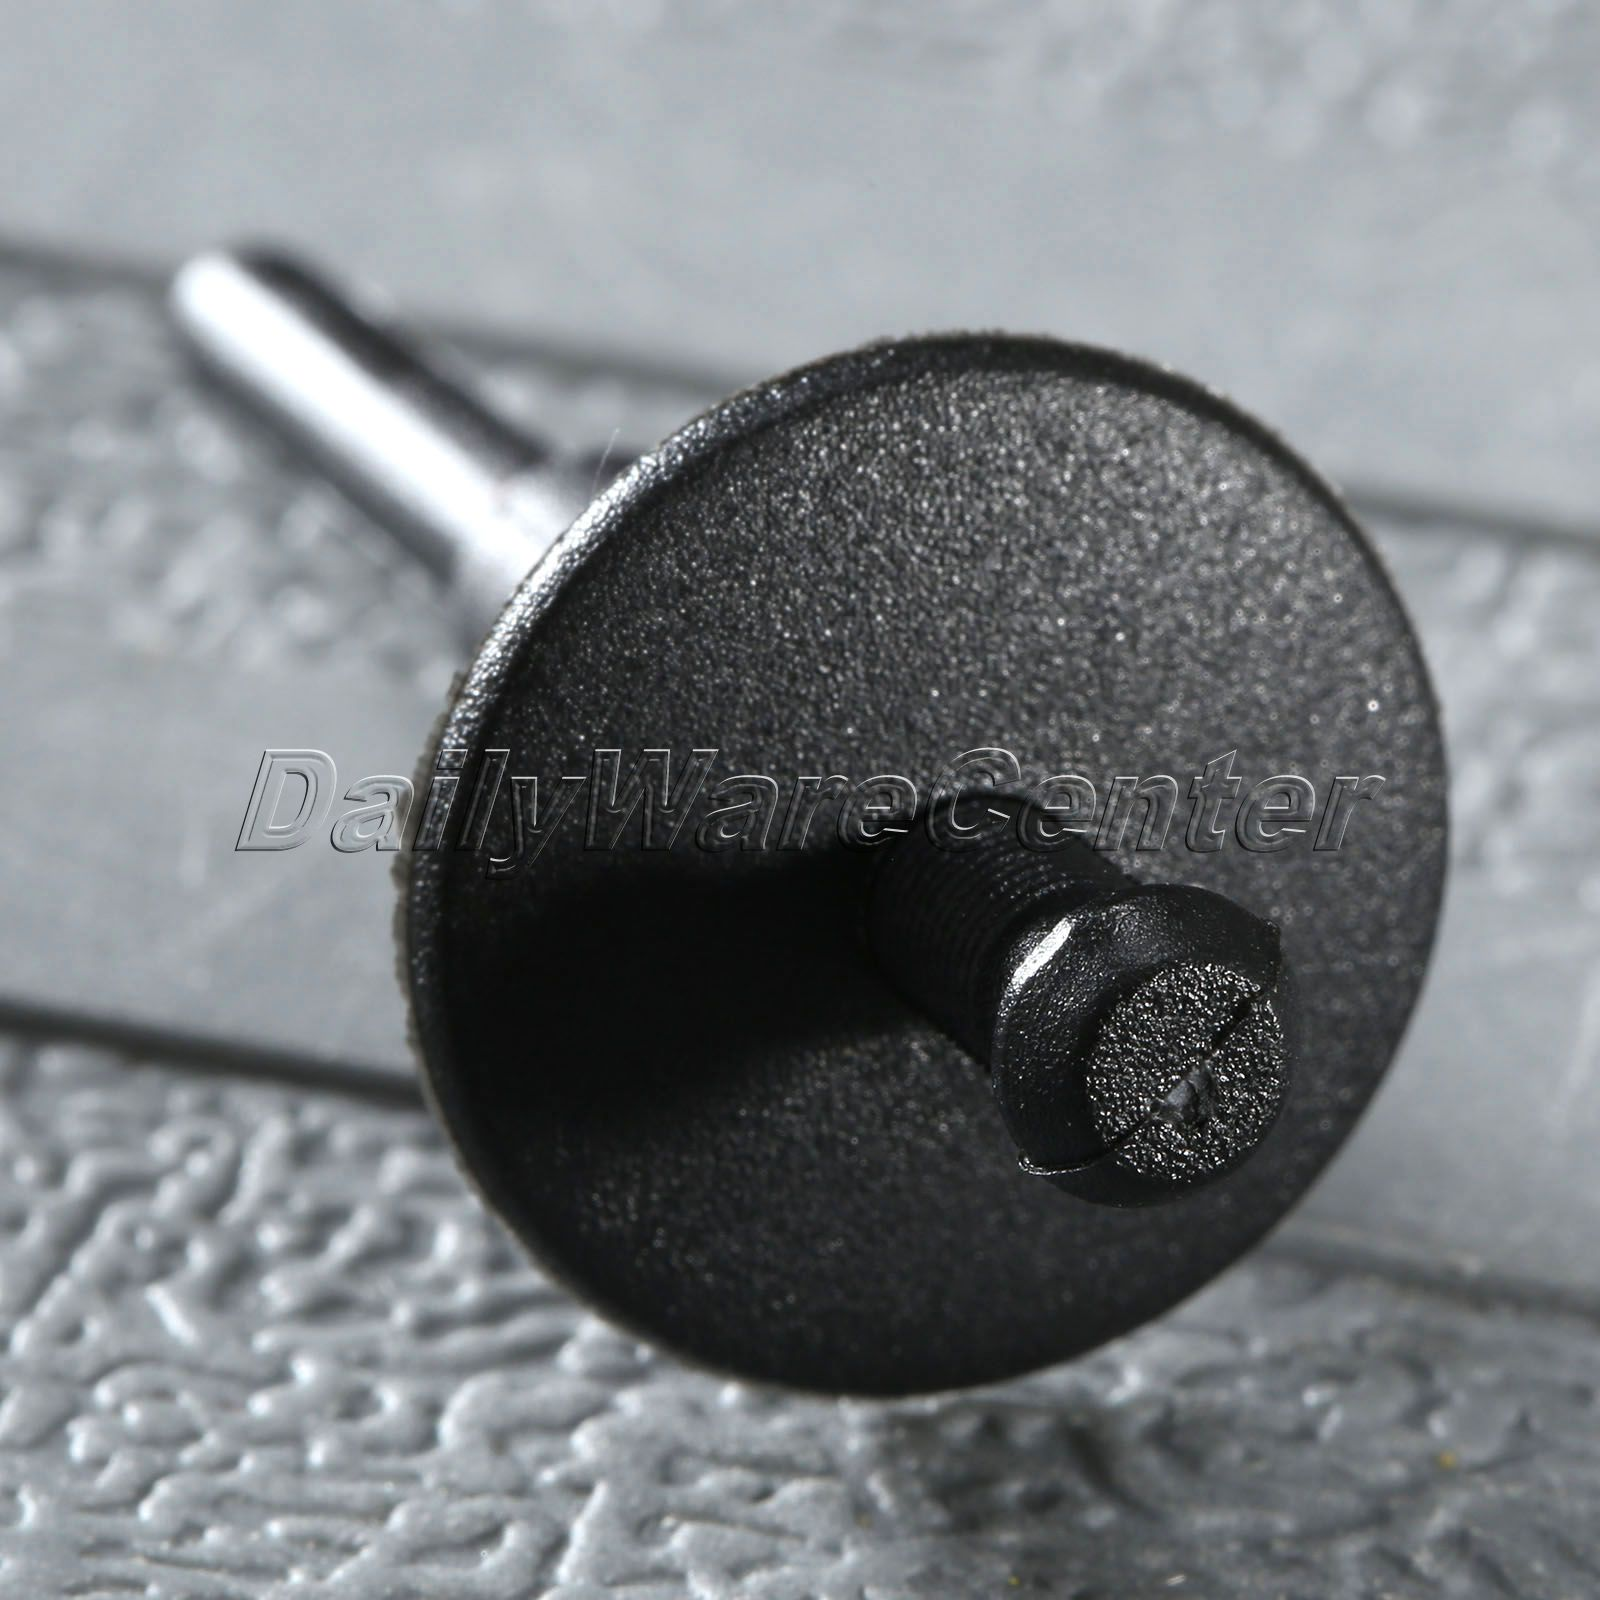 50Pcs Car Bumper Fender 6 mm Vrimë Mbërthecash plastike të zeza - Aksesorë të brendshëm të makinave - Foto 6